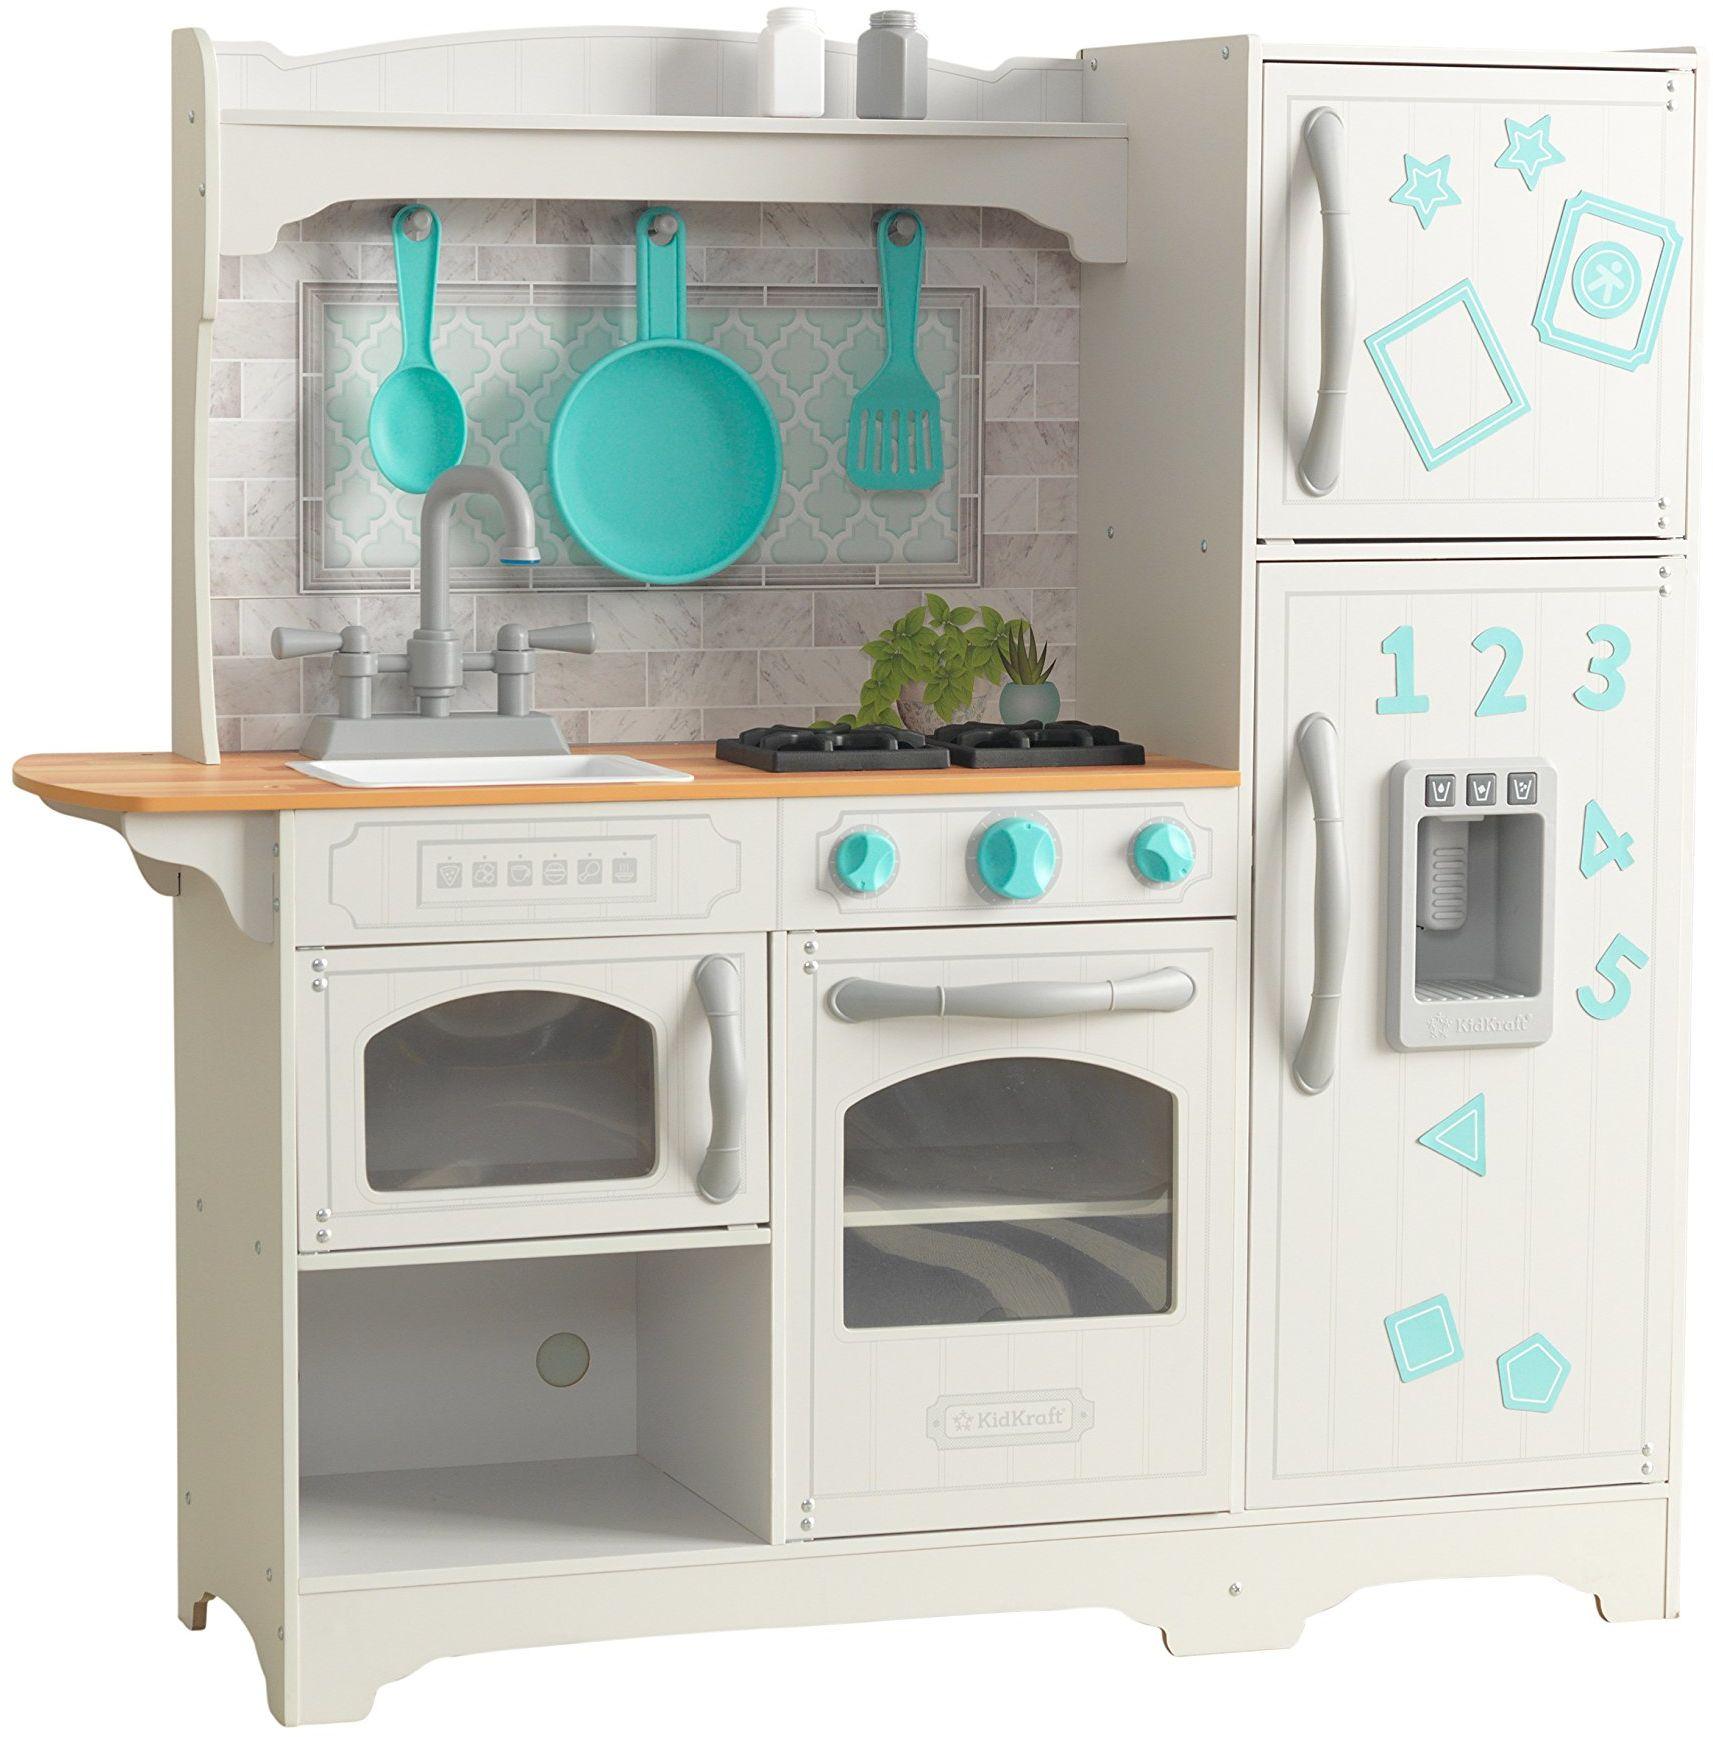 KidKraft 53424 Wieś zabawa kuchnia zabawa drewniana udawaj zabawka kuchnia dla dzieci z lodem i akcesoriami do odgrywania ról w zestawie, zespół EZ Kraft